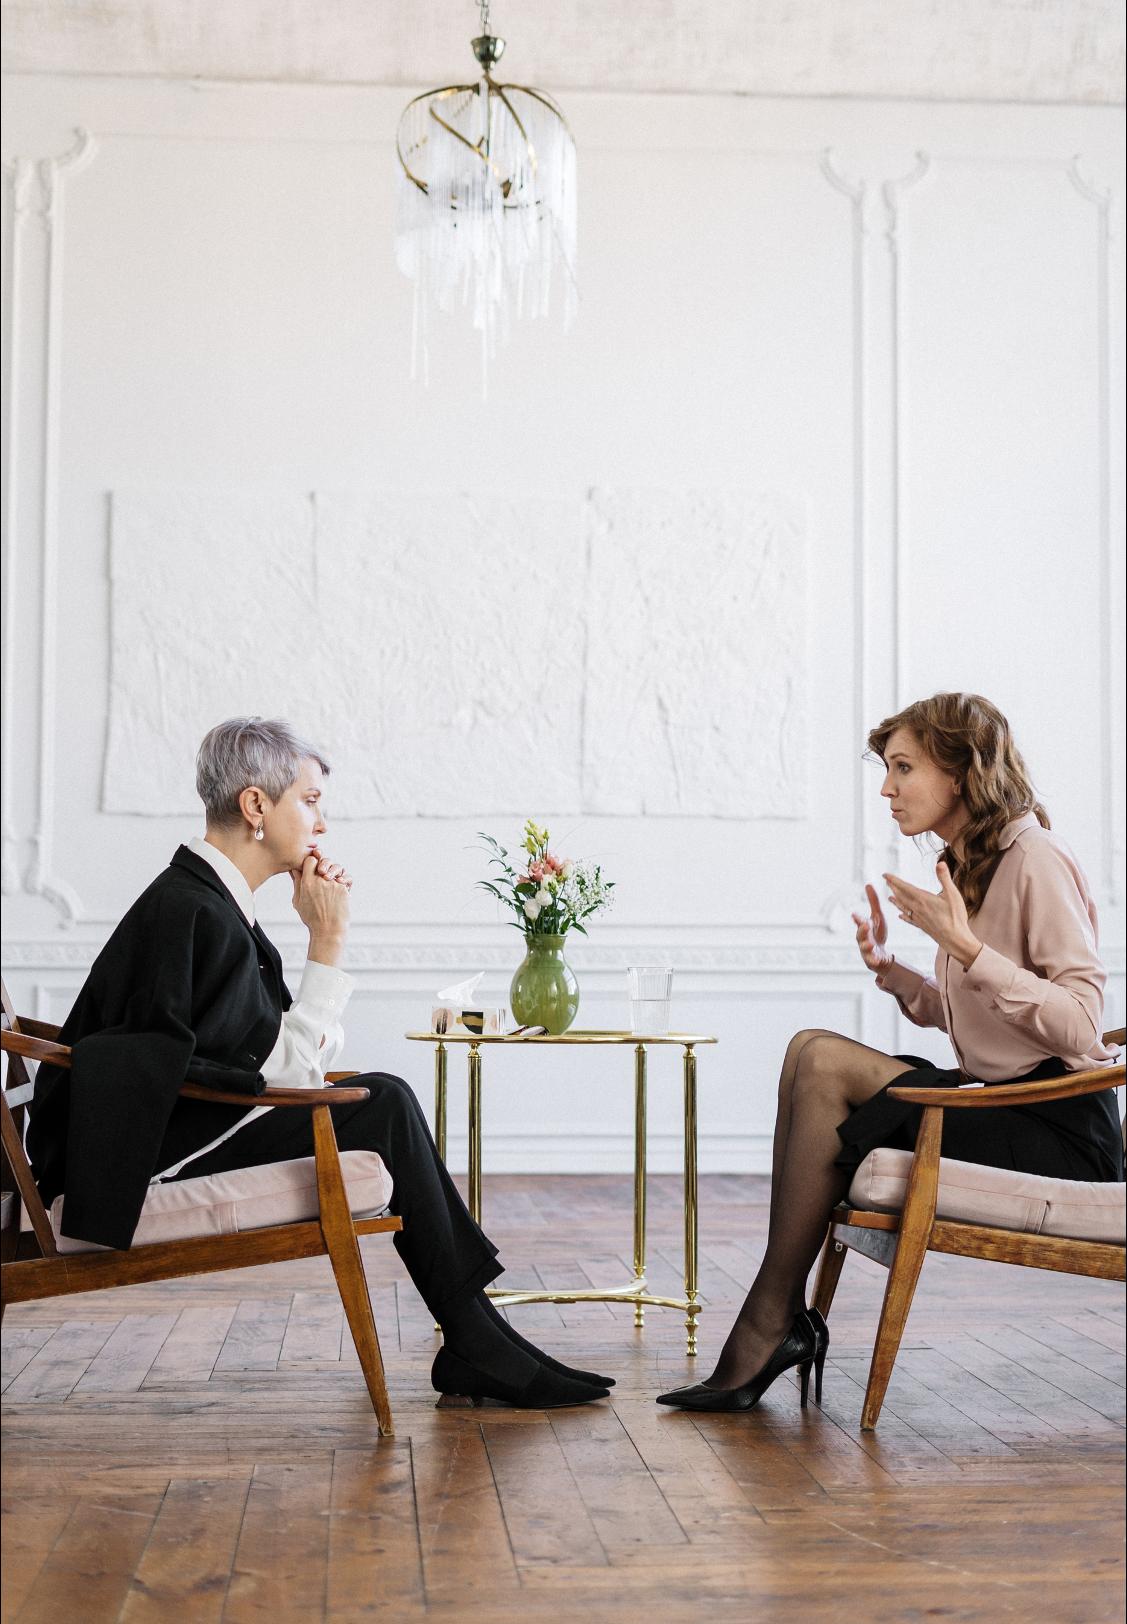 dvě ženy sedí proti sobě v místnosti na křeslech